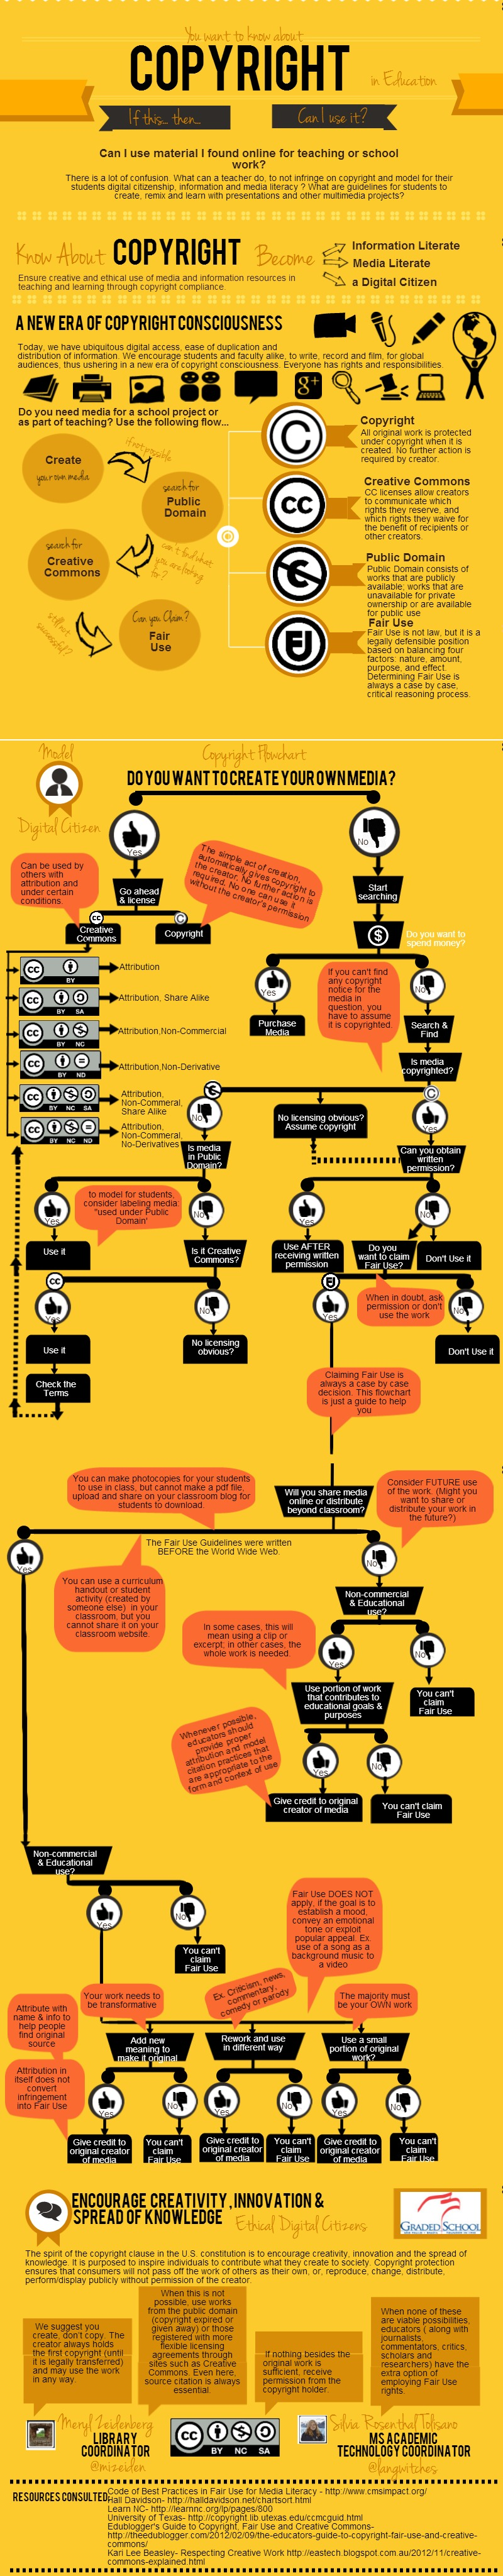 A new era of copyright consciousness - infographic